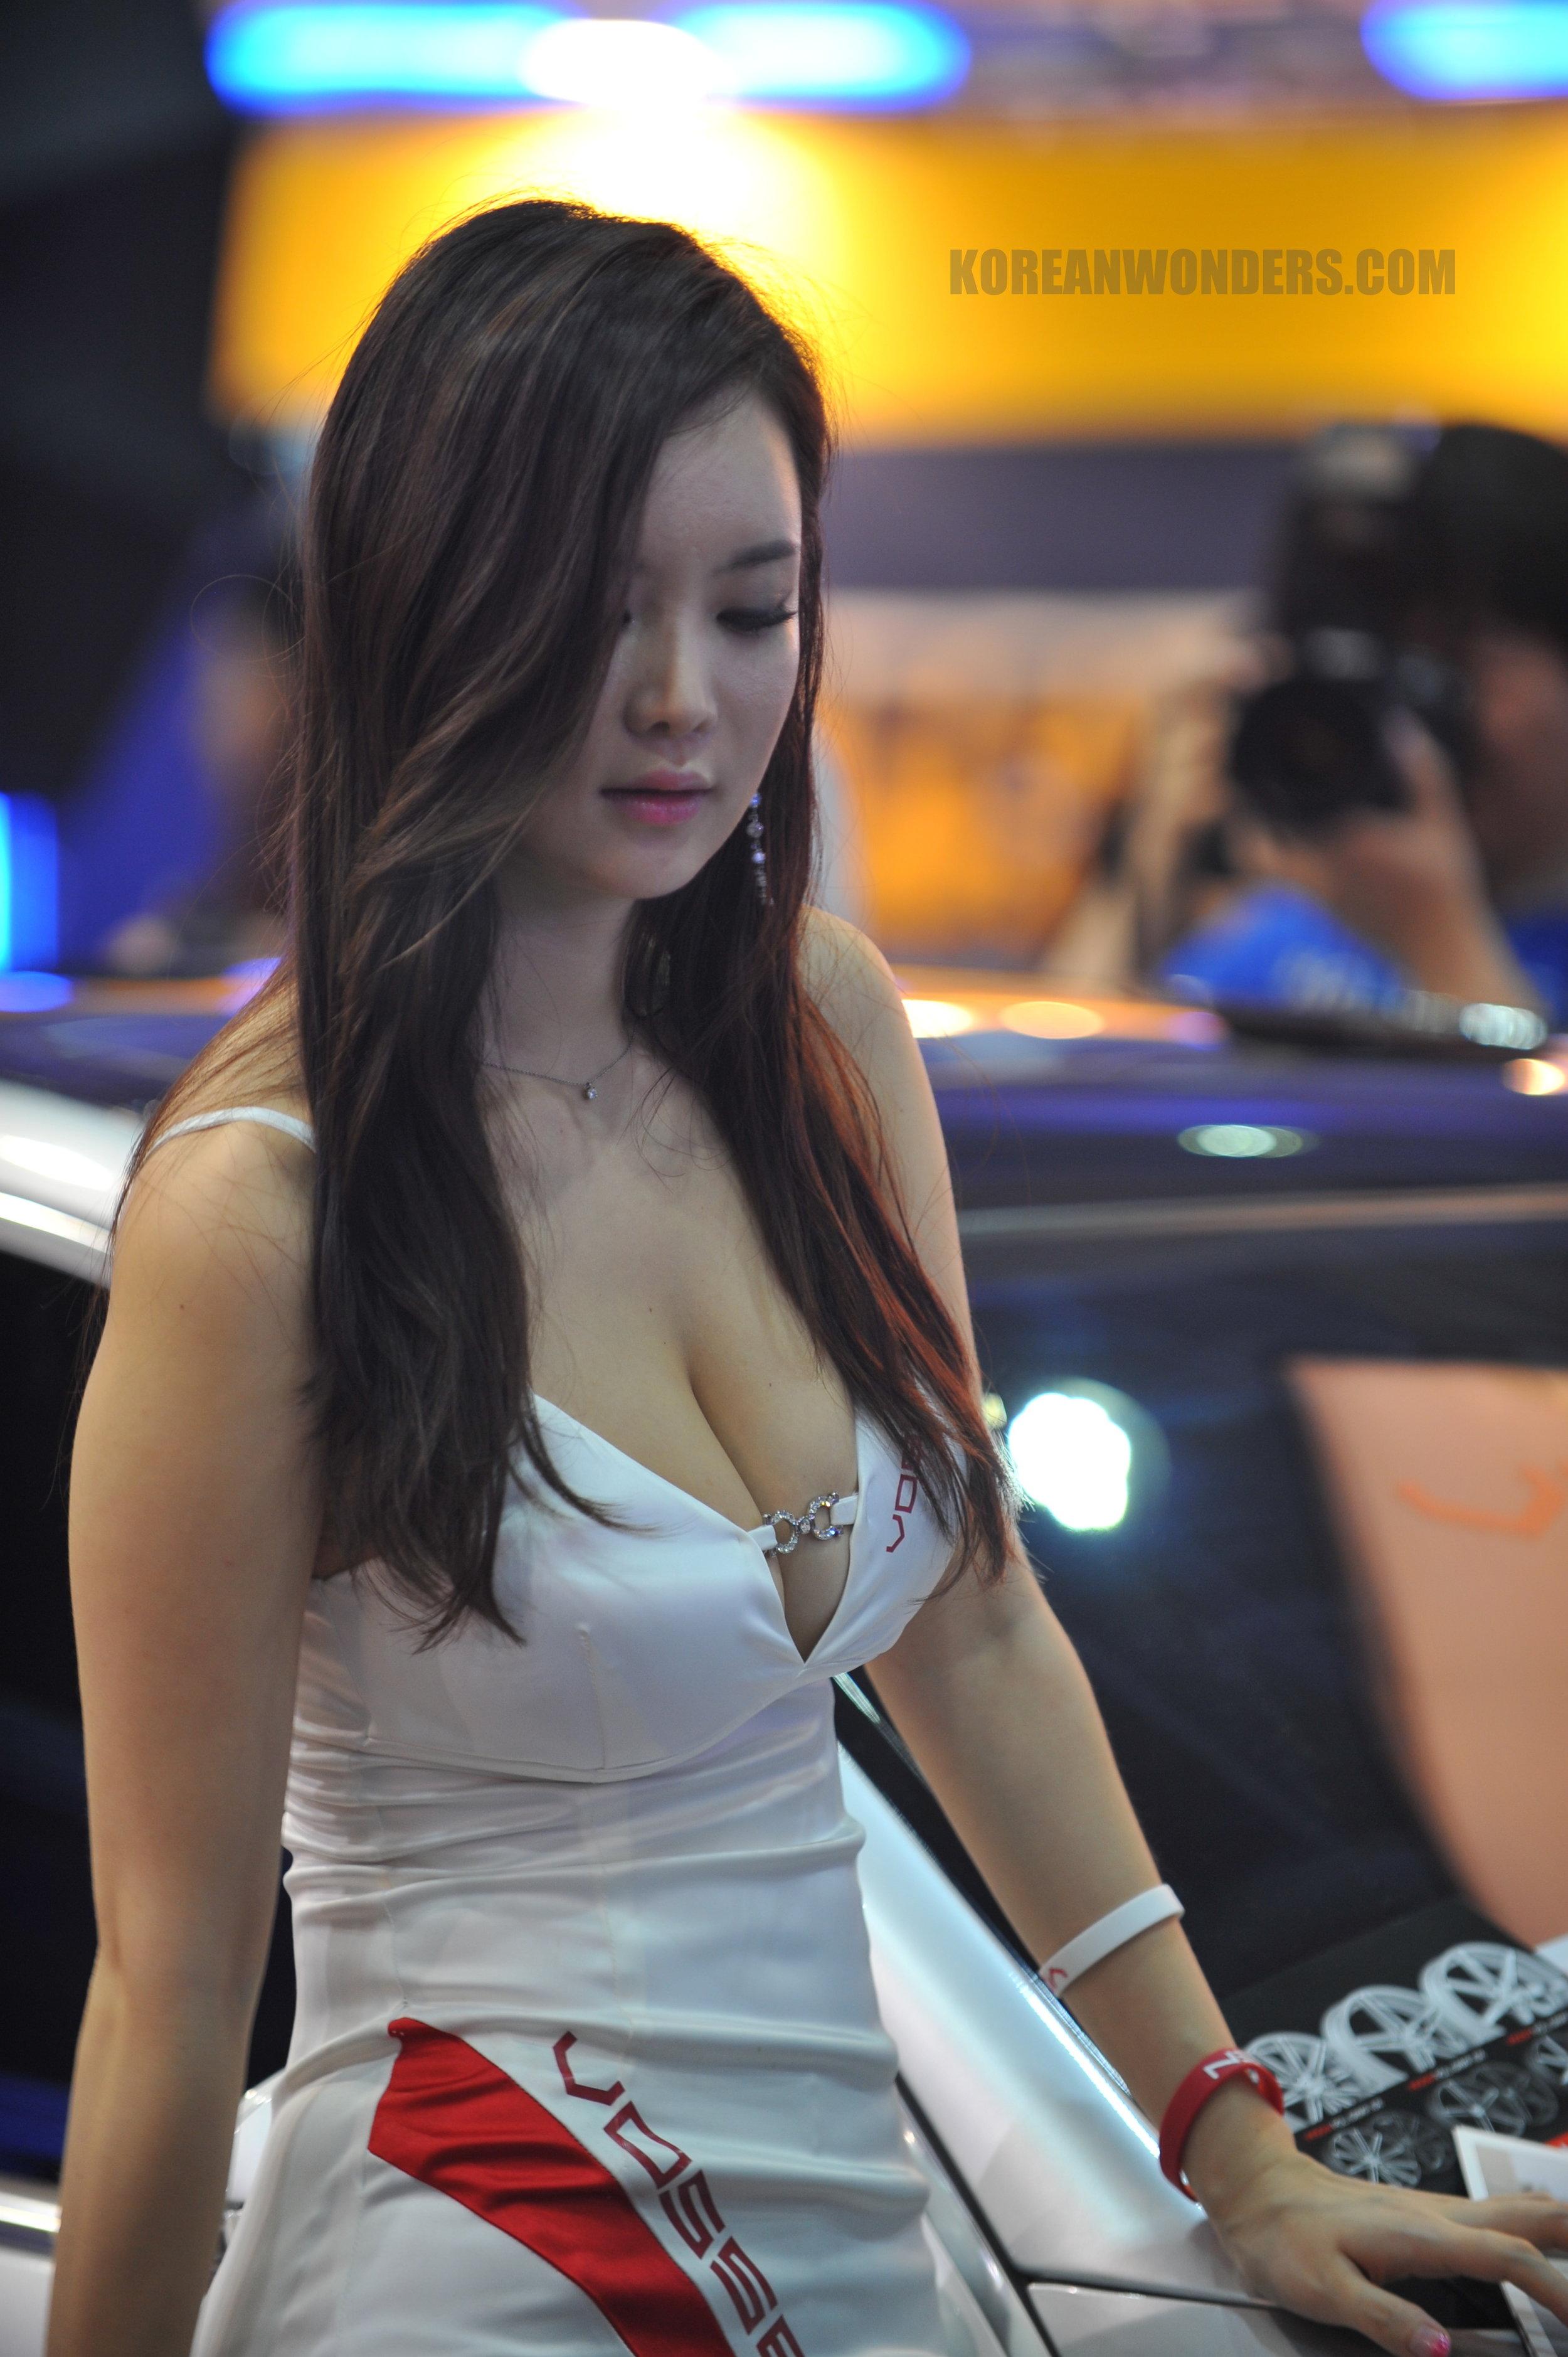 임지혜 - IM Ji Hye (KOREANWONDERS.COM)